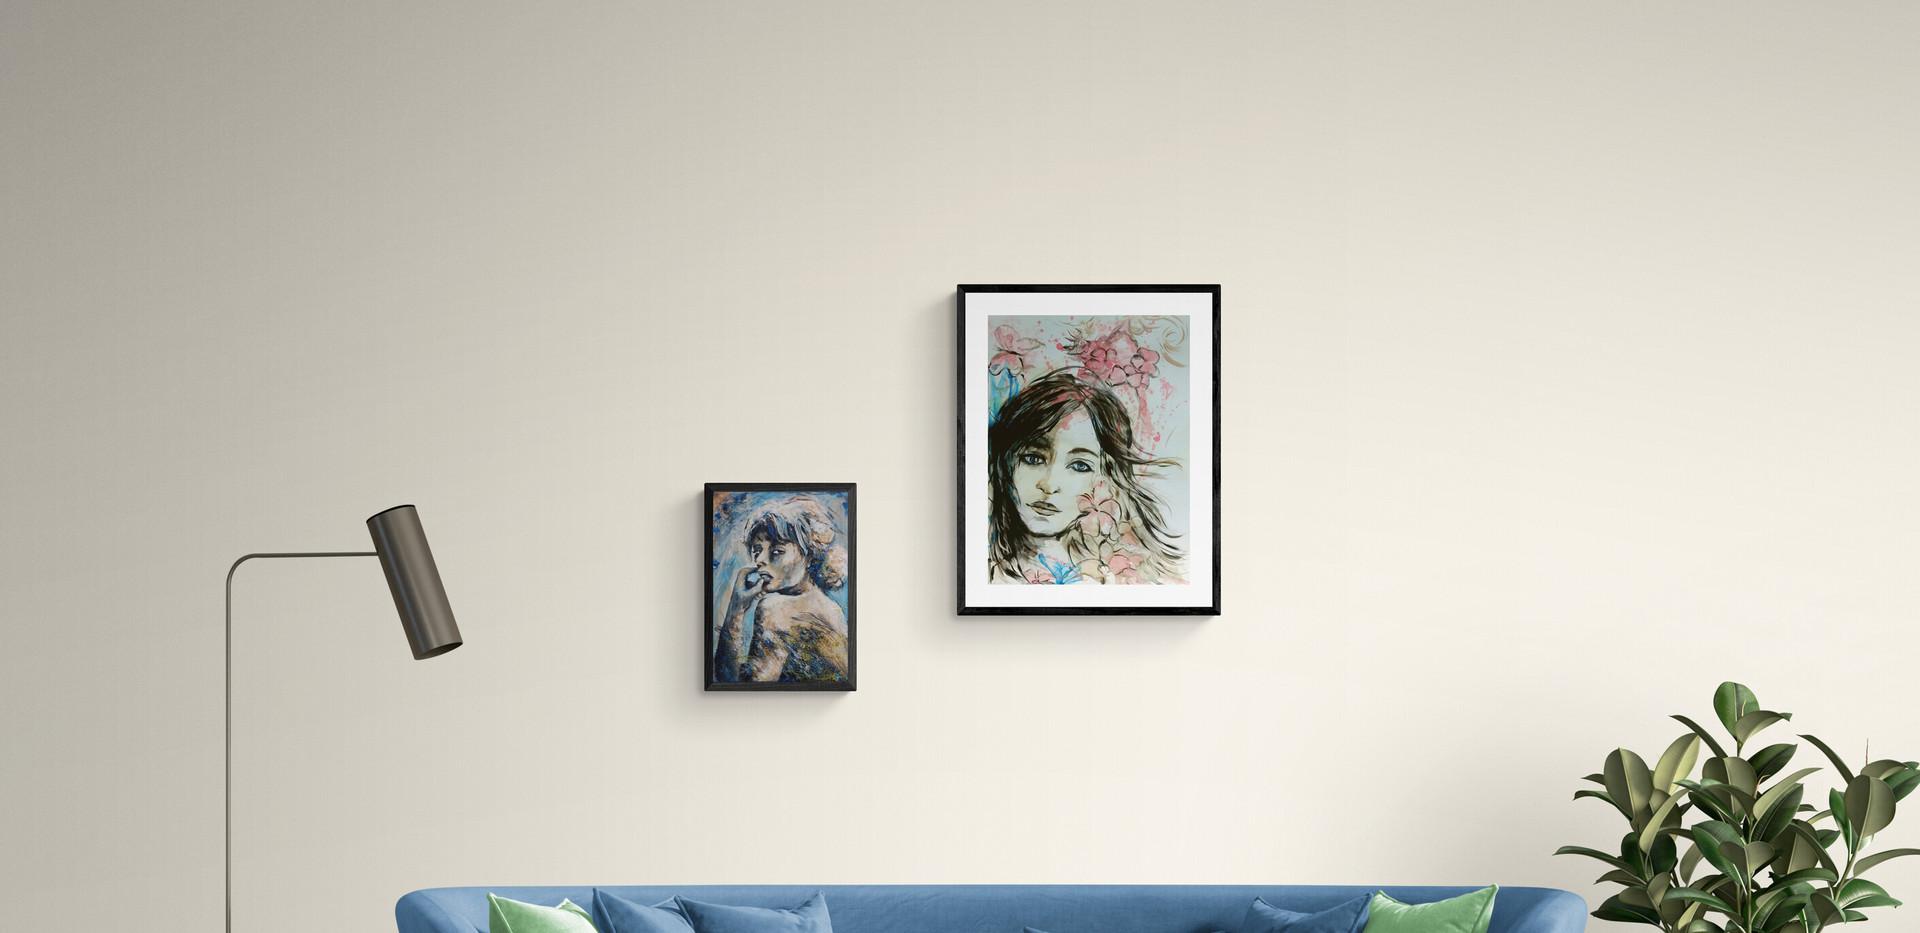 Acrylic-painting-papier-canvas-portrait-woman-Jenie Gospodinova